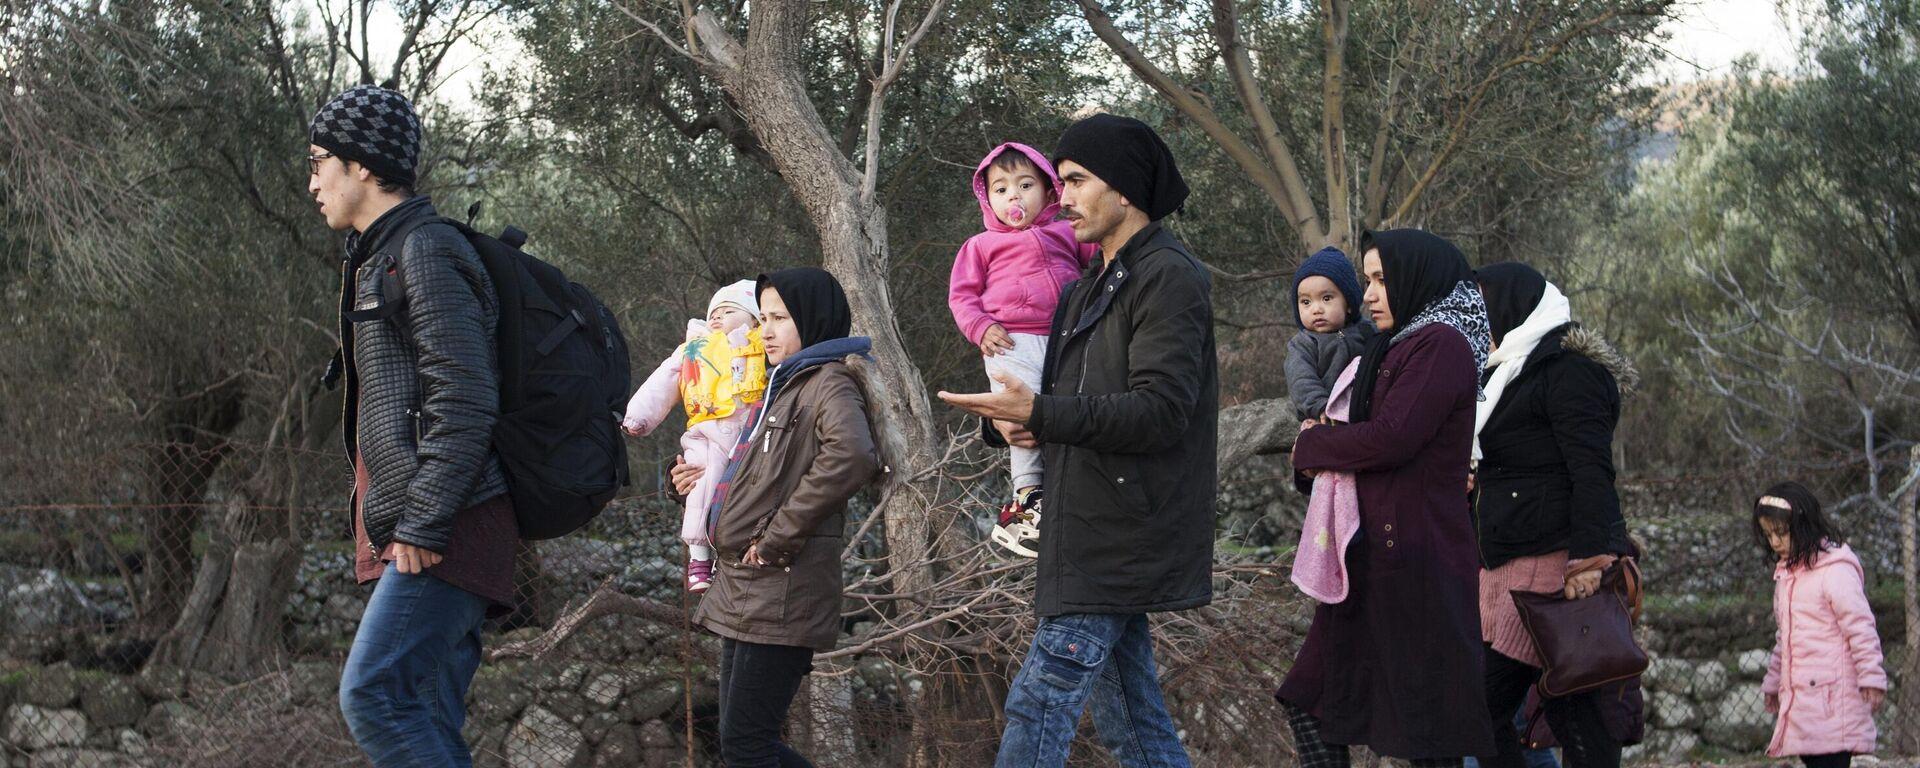 Flüchtlinge aus dem Nahen Osten auf der griechischen Insel Lesbos (Archivbild) - SNA, 1920, 22.12.2020